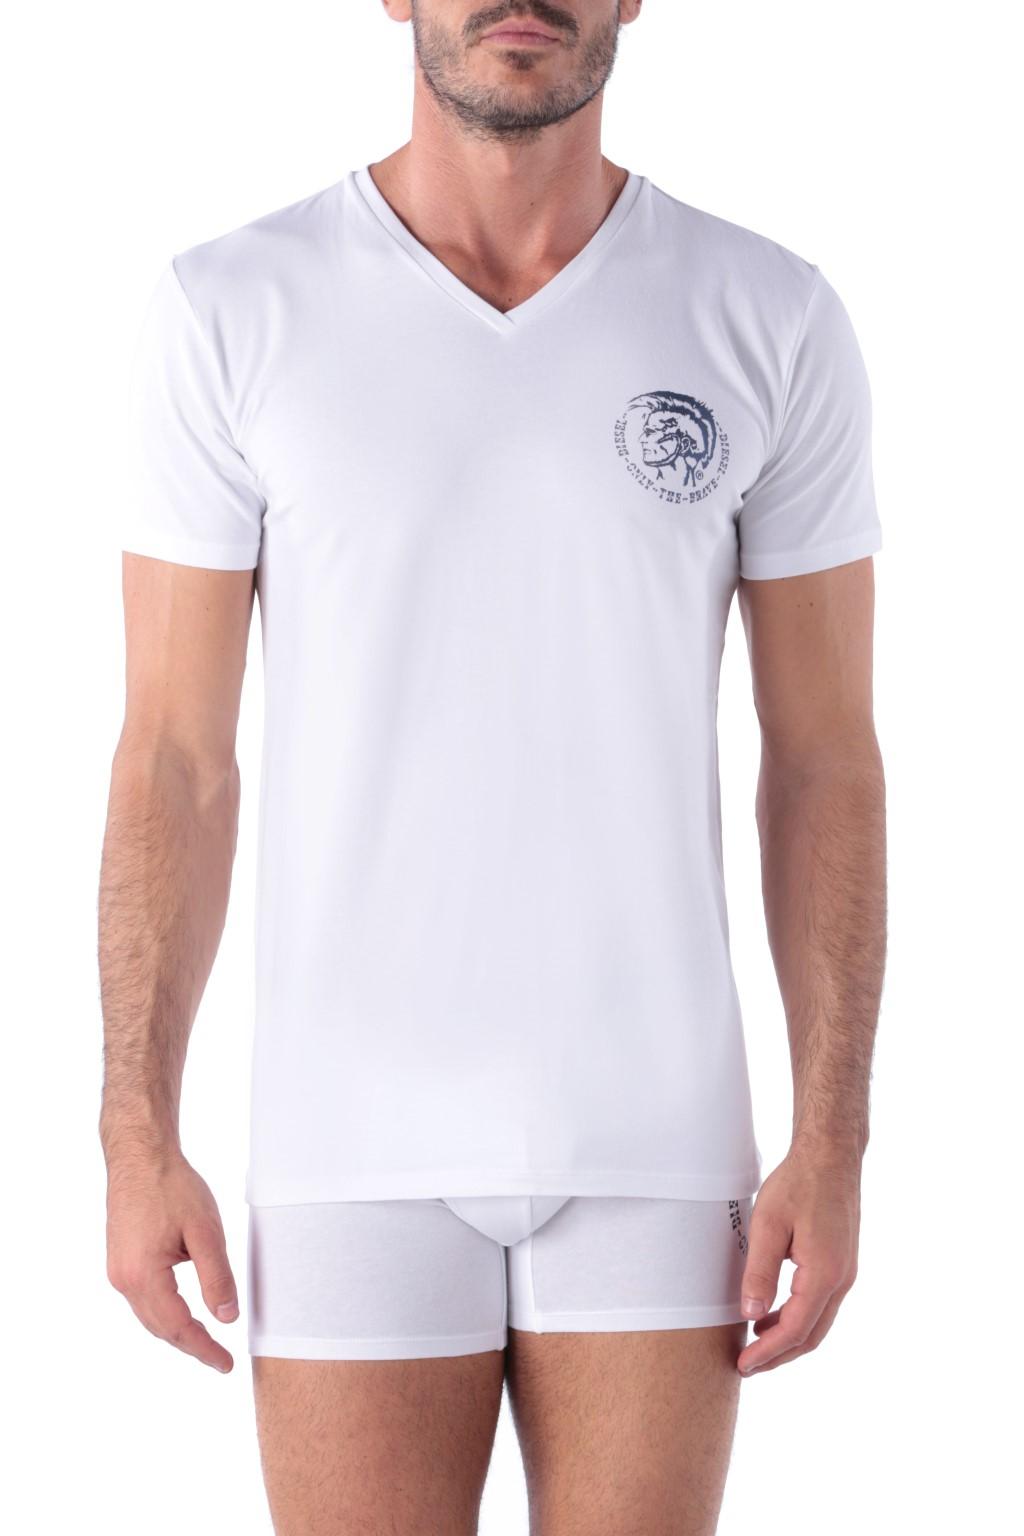 18fed1b83f61 Pánské tričko DIESEL 00CG26 - Diesel (Pánské trika a nátělníky)